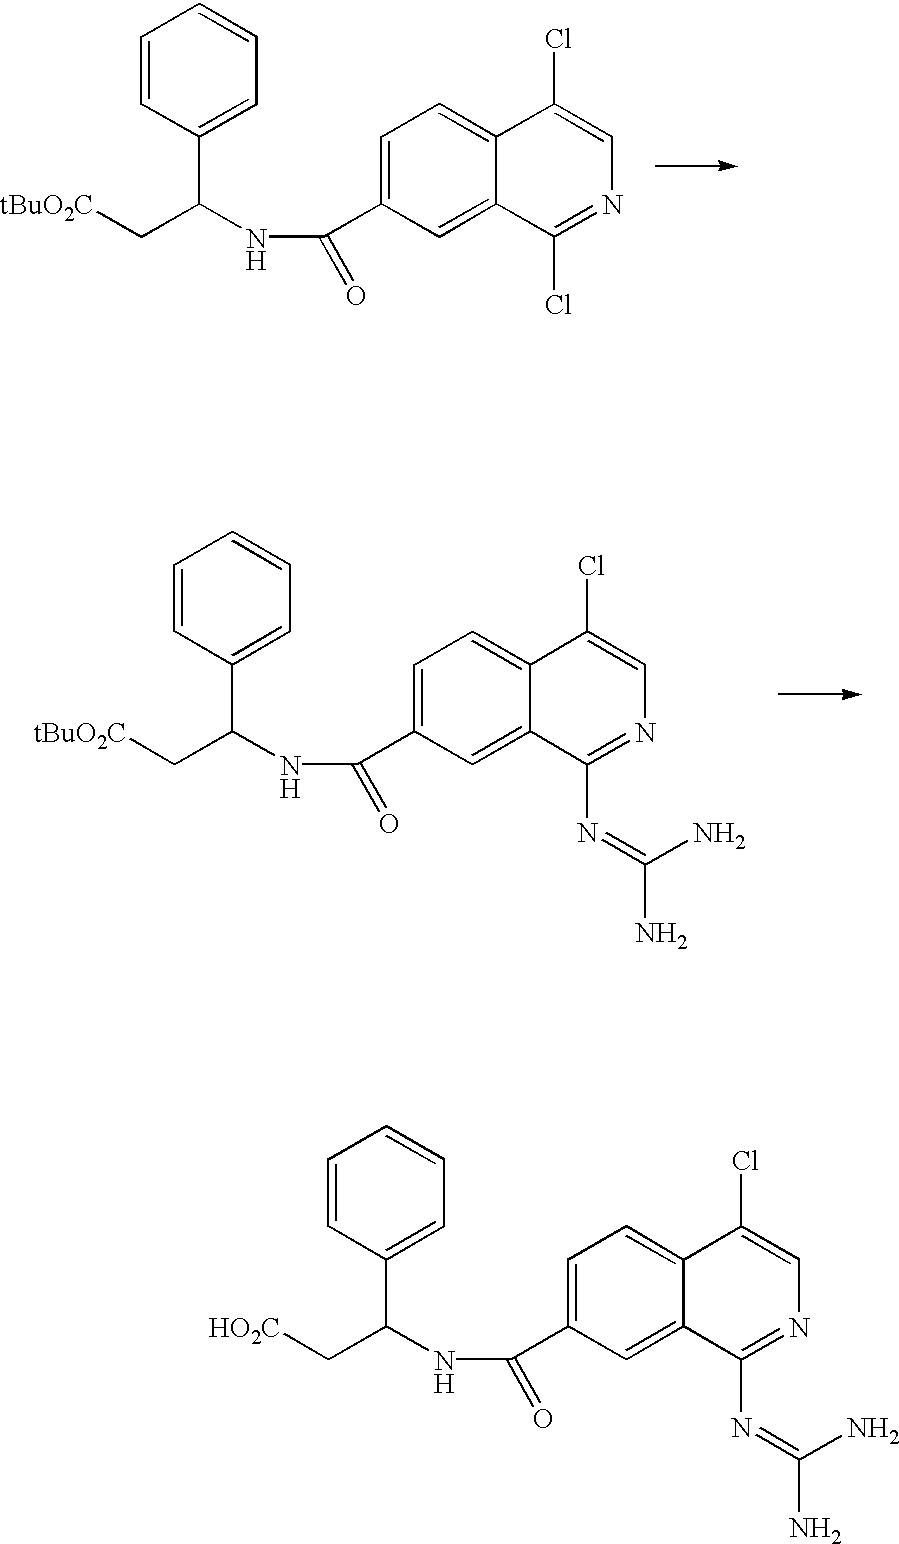 Figure US20030199440A1-20031023-C00095